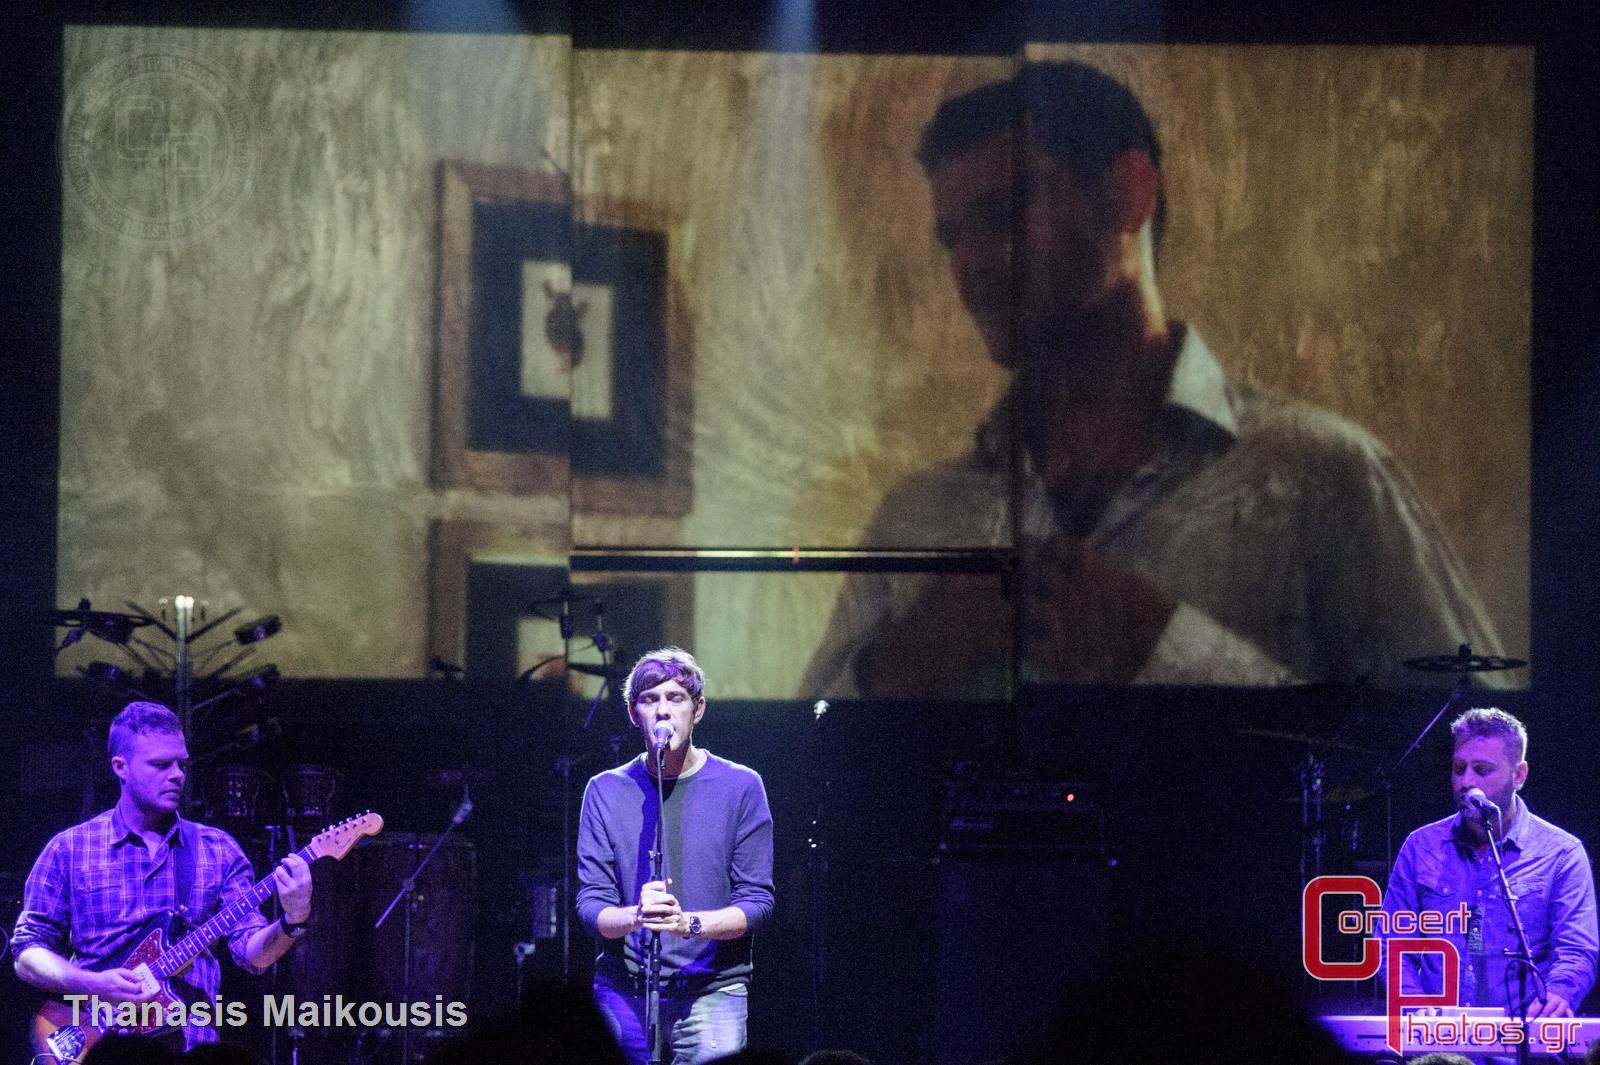 Sebastien Telier & Liebe-Sebastien Telier Liebe photographer: Thanasis Maikousis - concertphotos_20141107_22_44_12